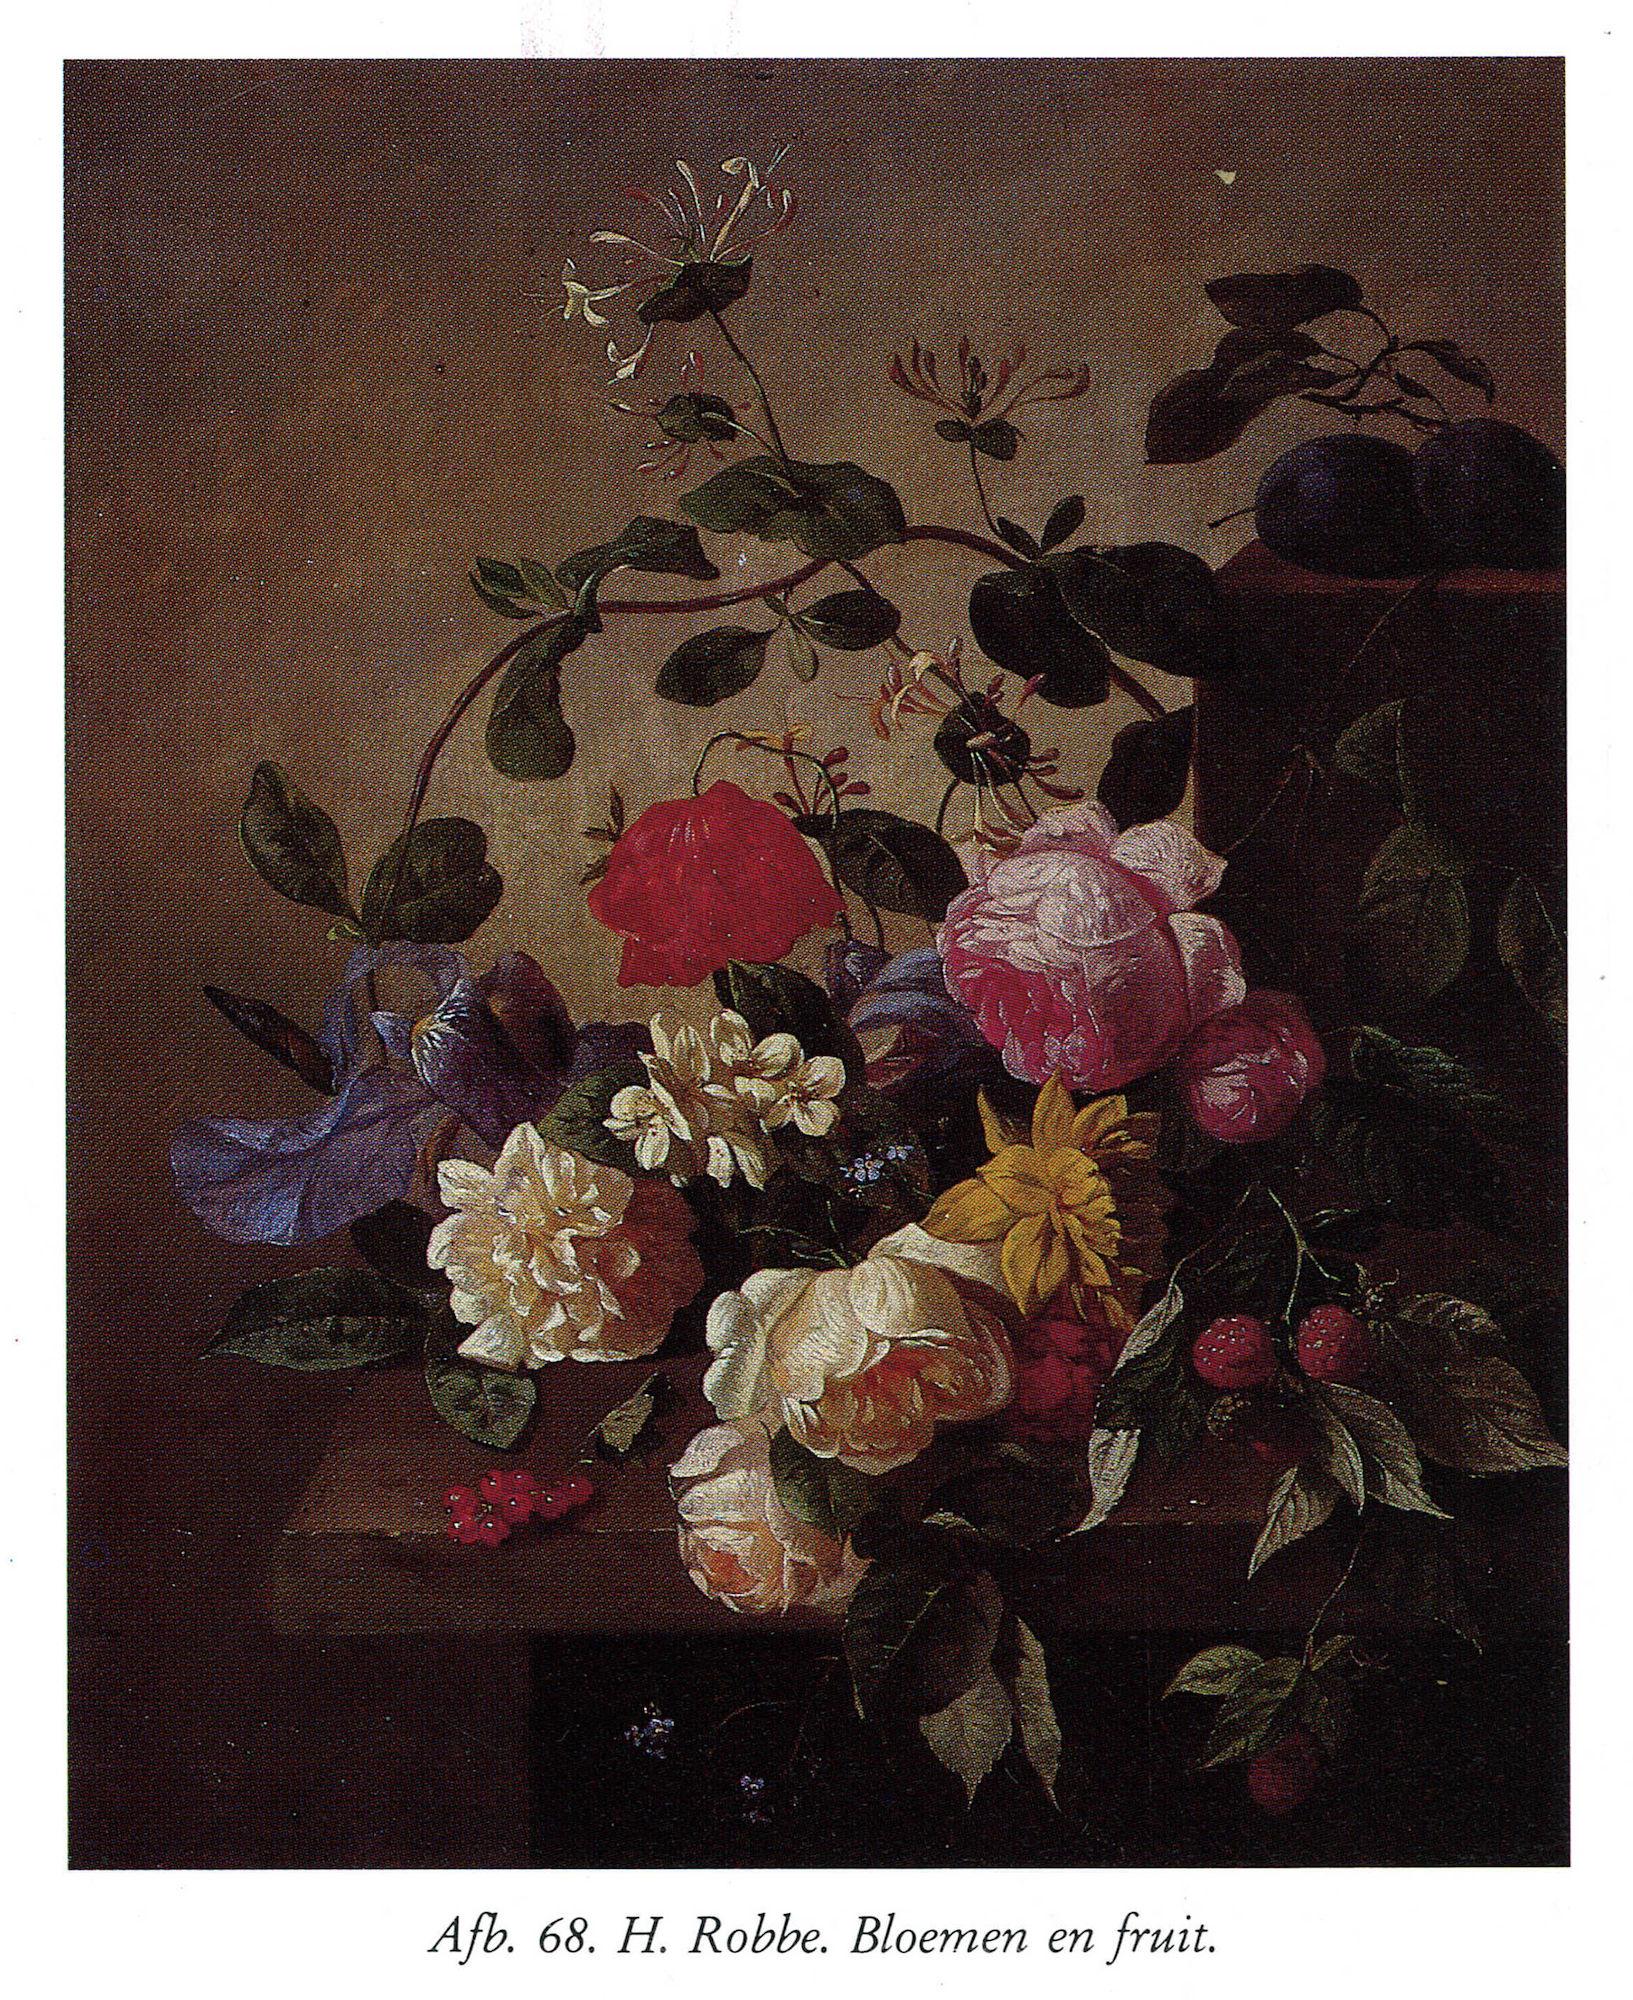 Bloemen en fruit van Hendrik (Henri) Robbe